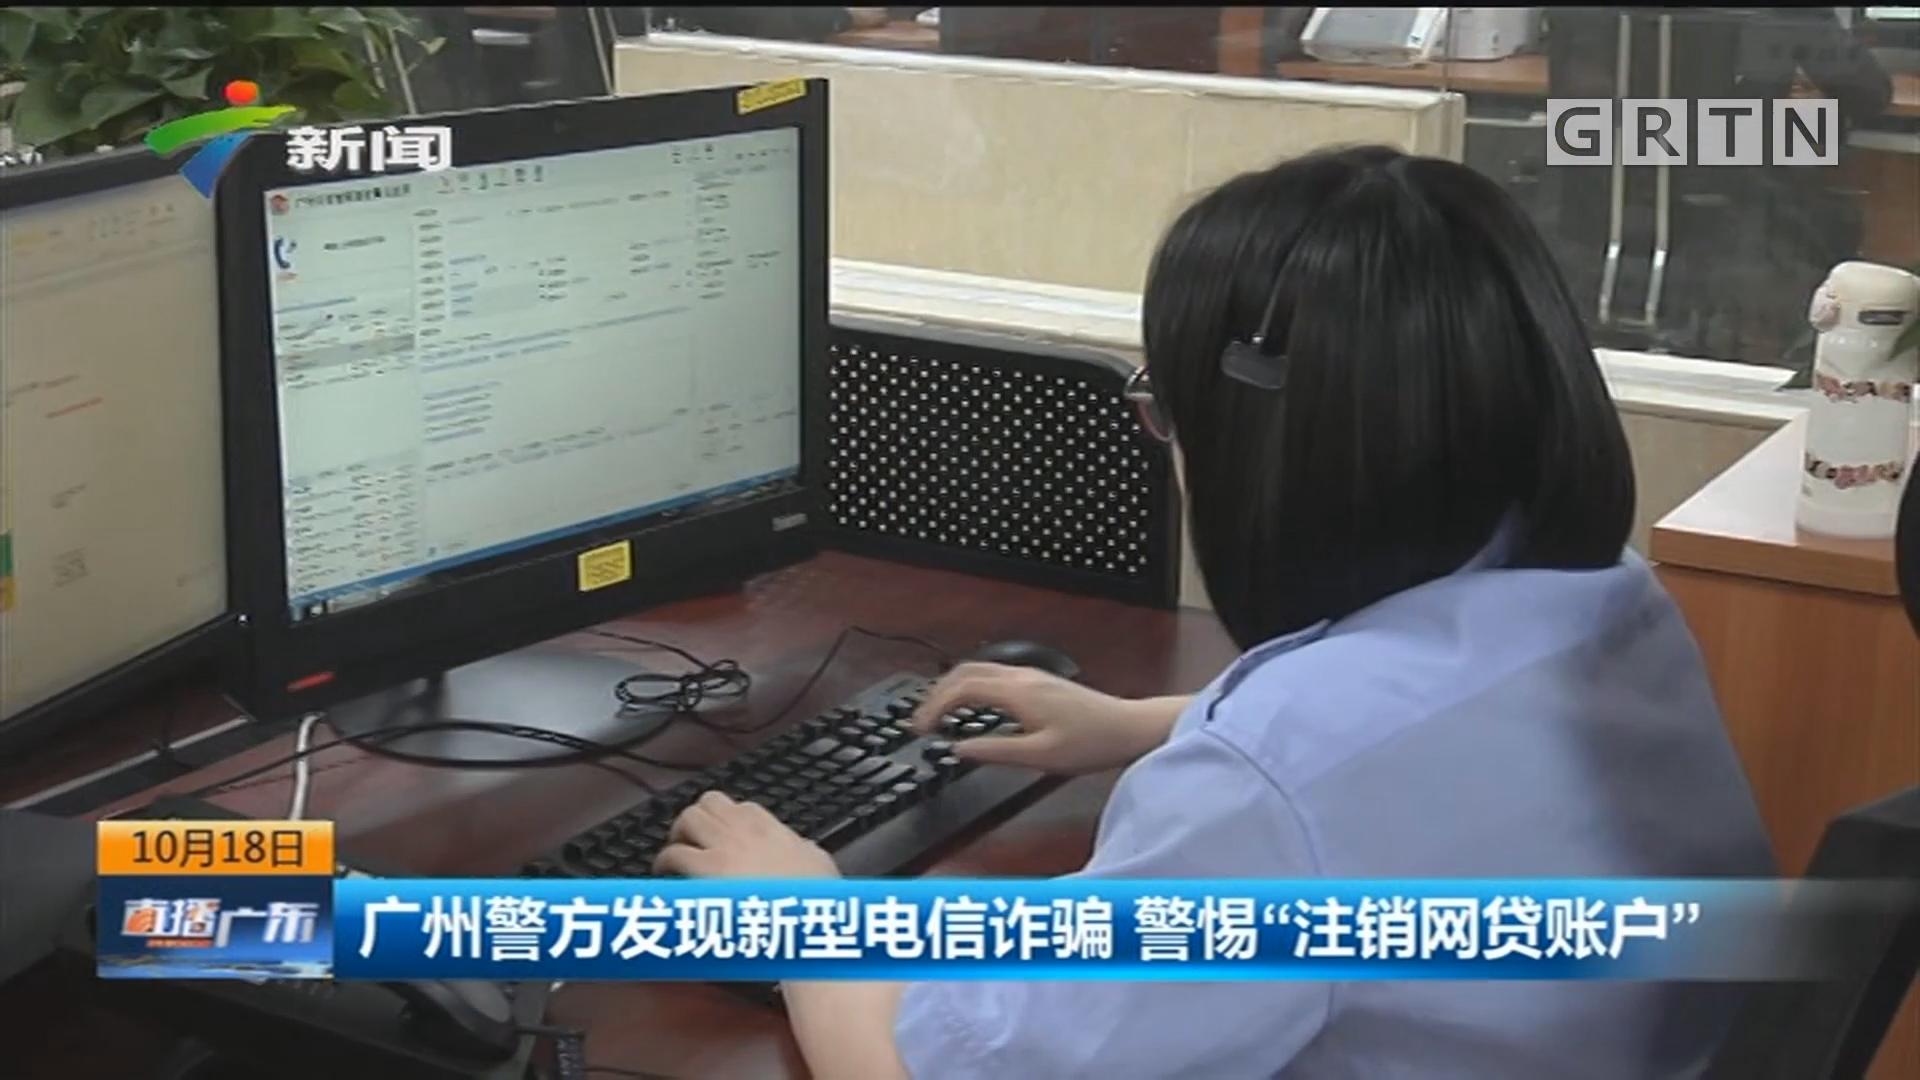 """广州警方发现新型电信诈骗 警惕""""注销网贷账户"""""""